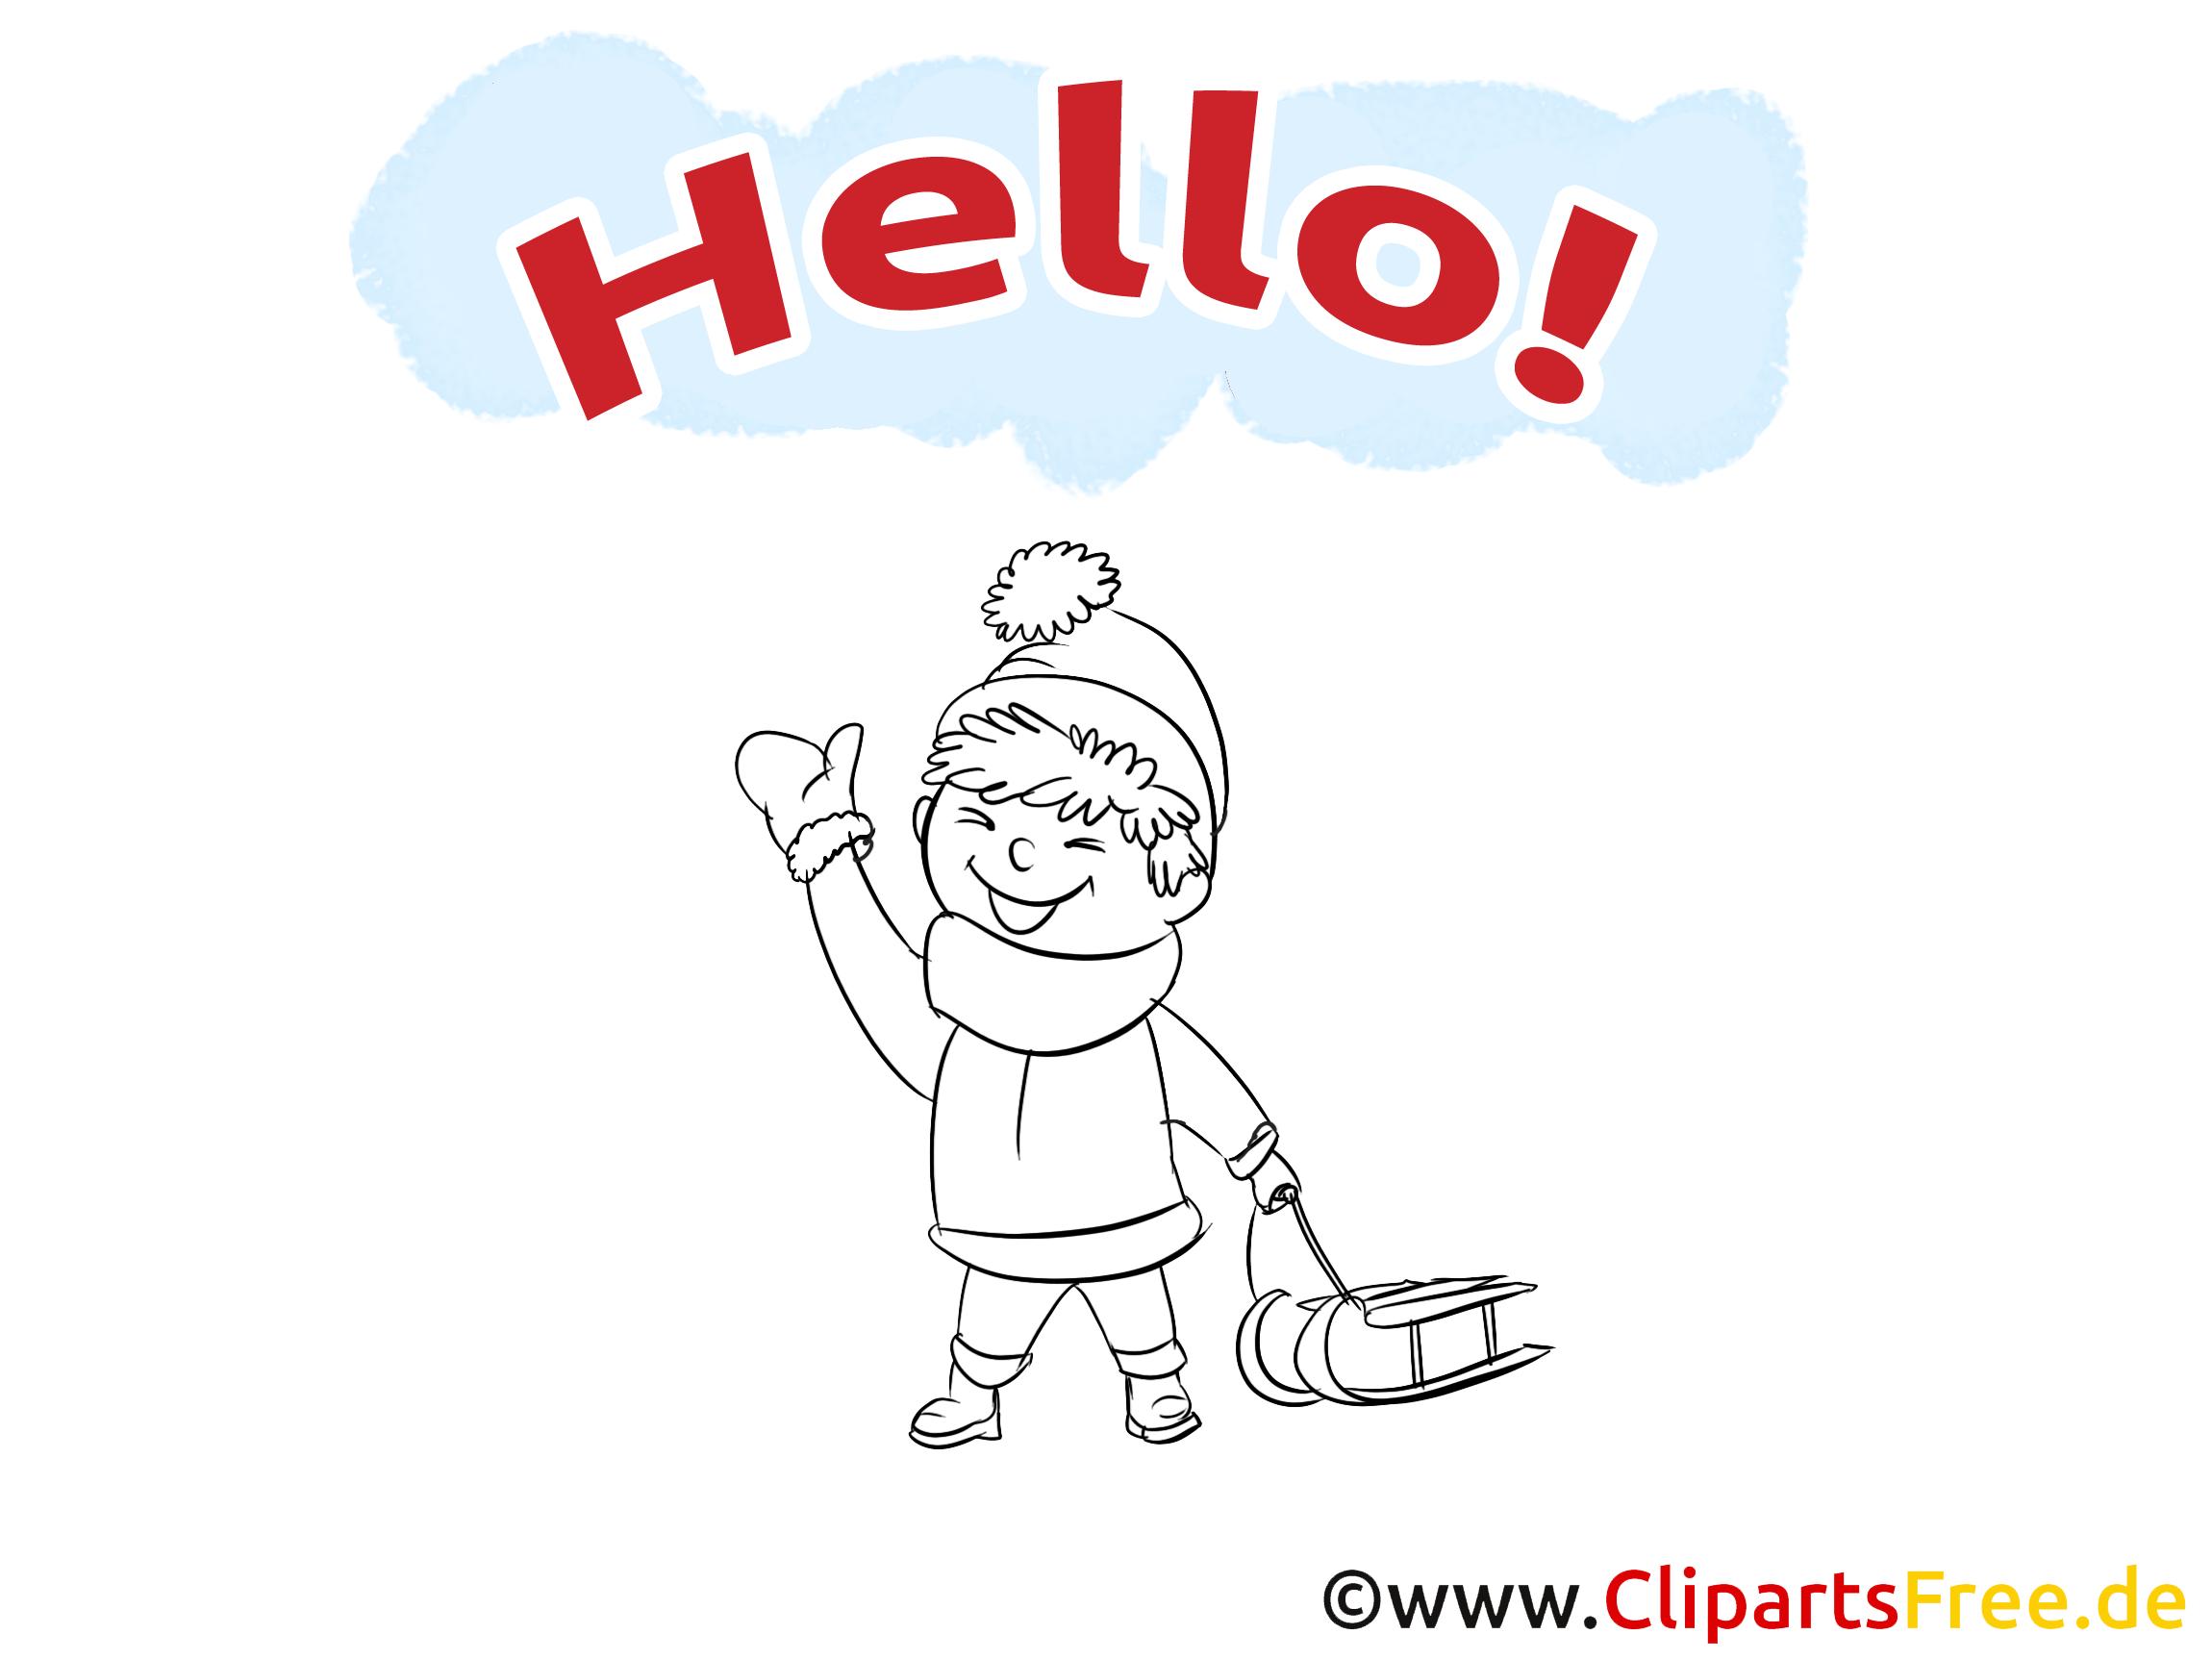 Luge images à imprimer - Salut dessins gratuits